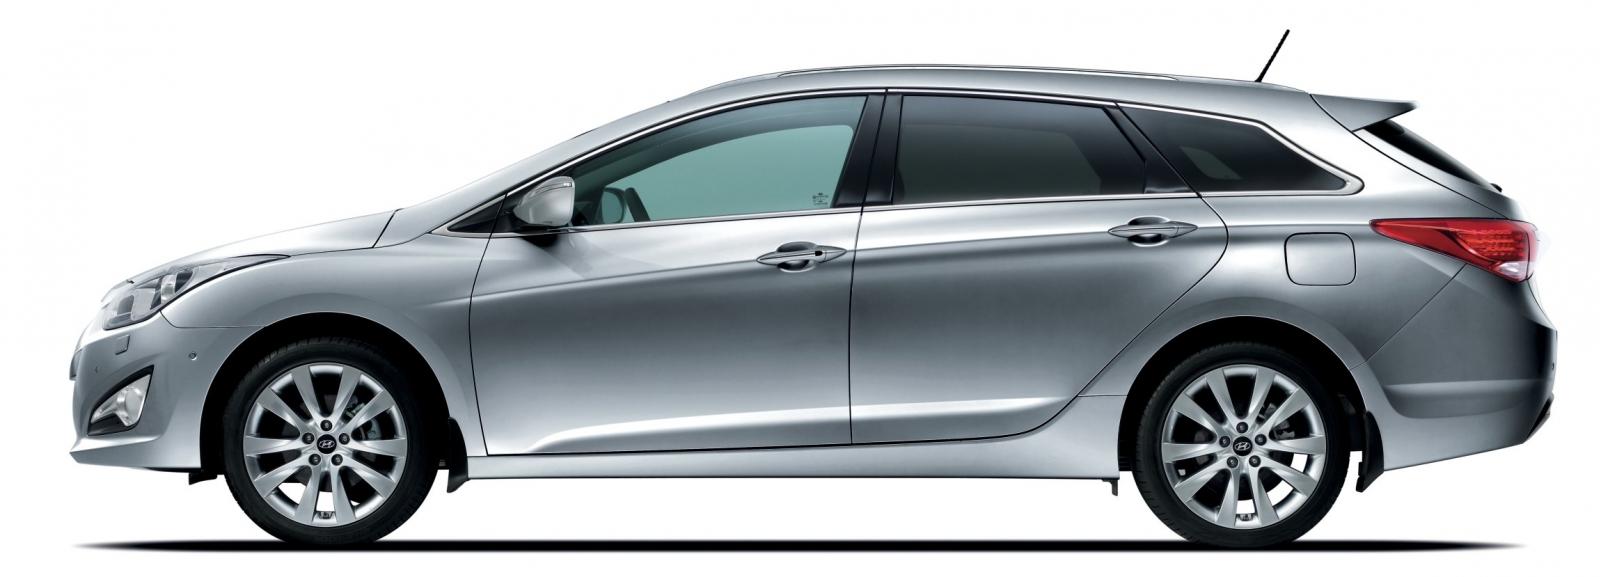 Hyundai I40w W Auto Res Miłocin Rzesz 243 W Auto Res